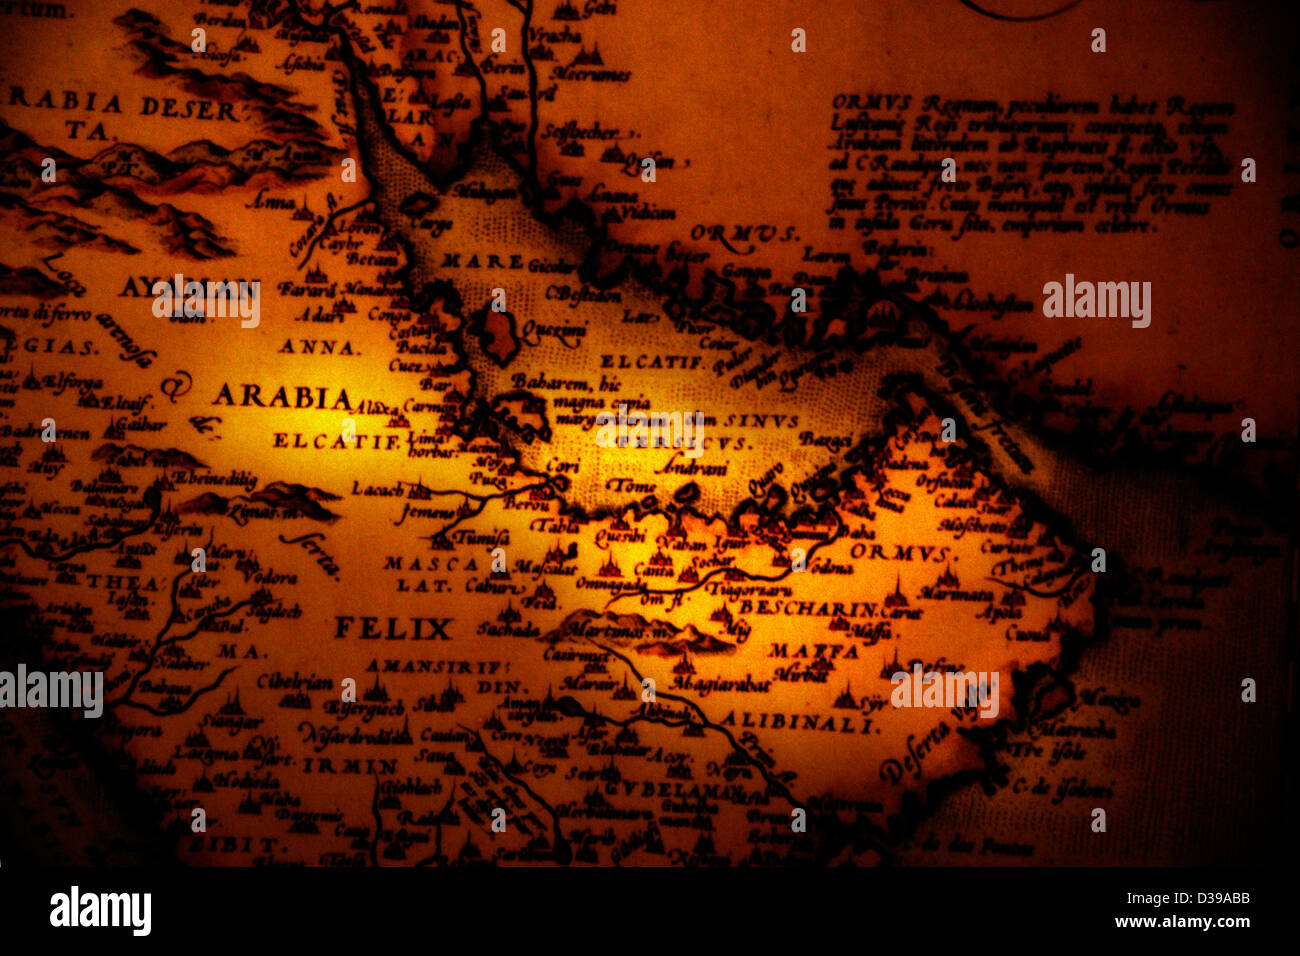 UAE Emirate of Dubai Al-Fahidi Fort Museum map of 1500 - Stock Image